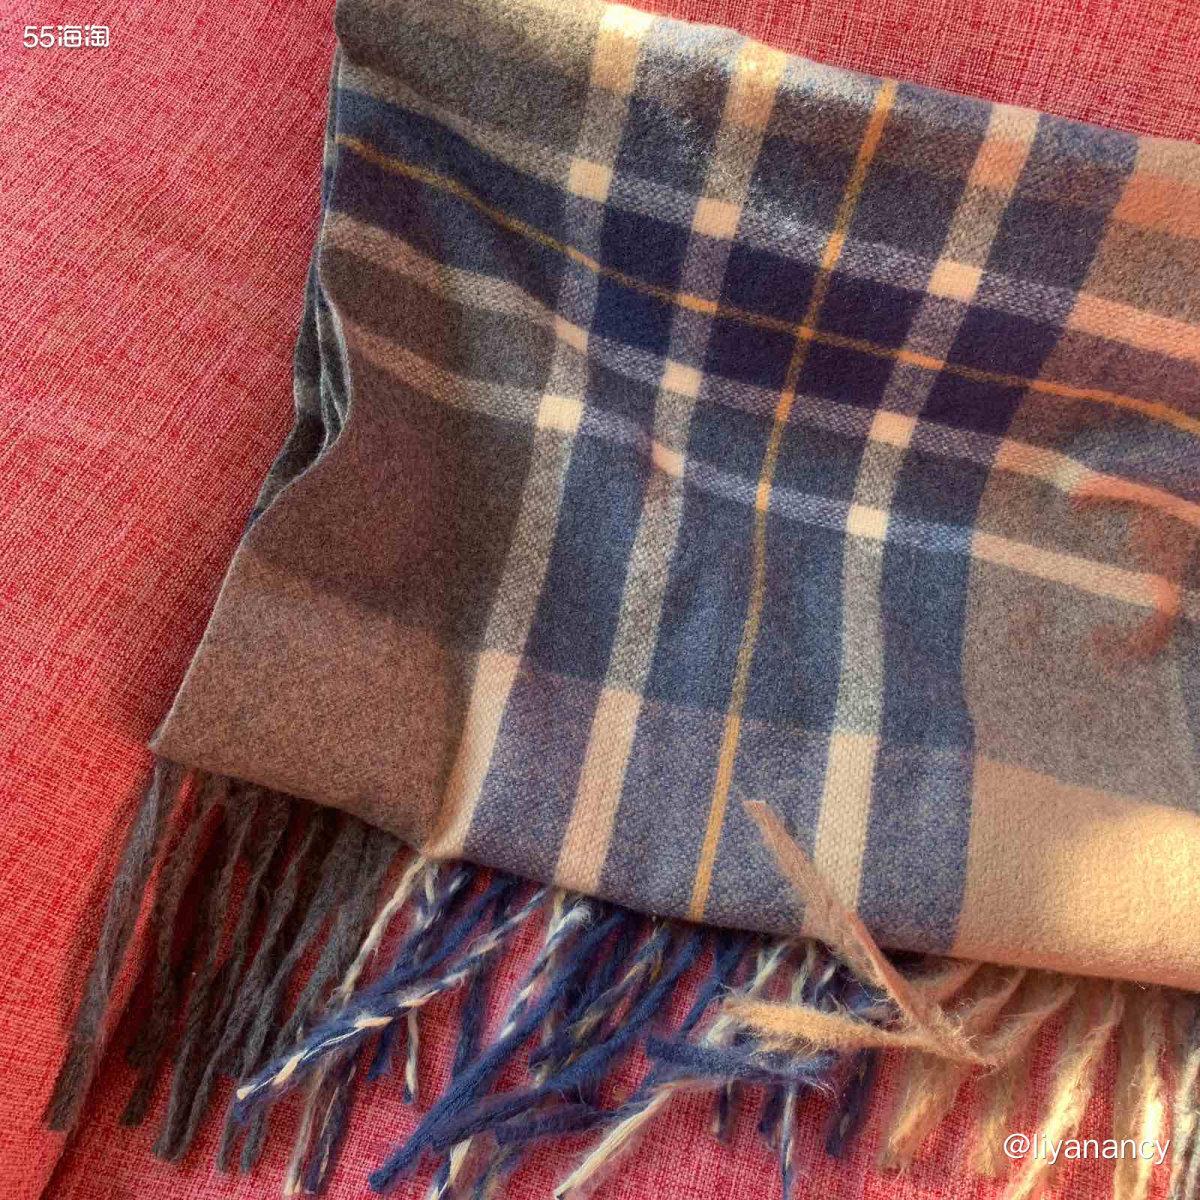 格子围巾  ✨提到格子围巾可能很多人会想到巴宝莉围巾,不过忽